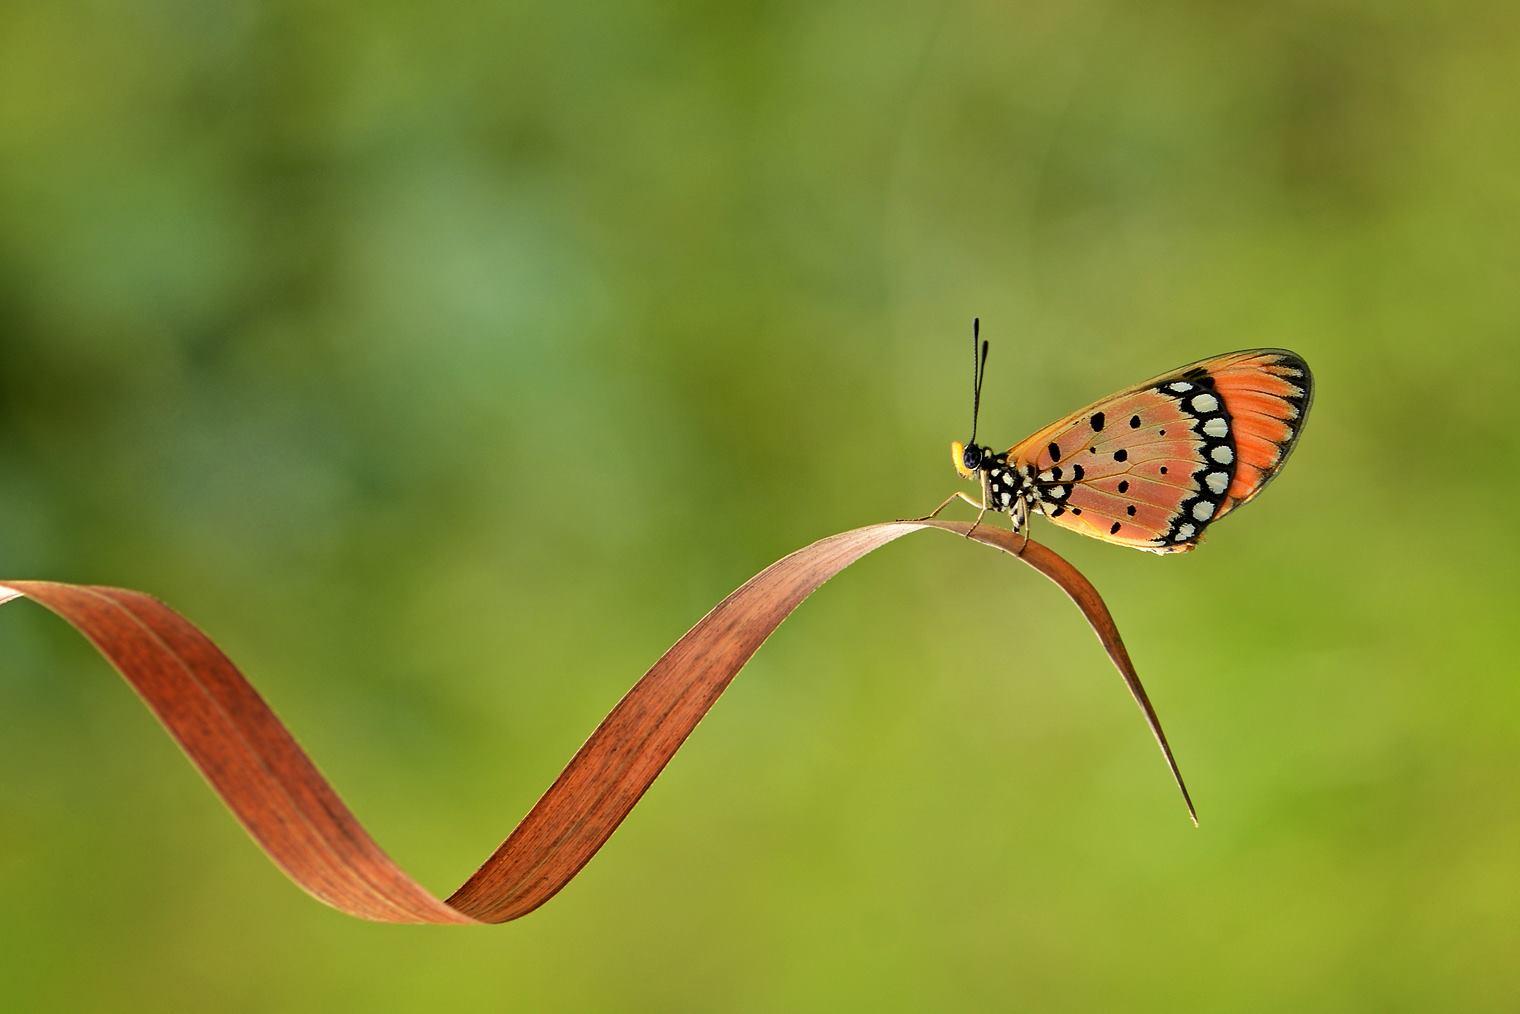 garden-insects-nordin-seruyan-21